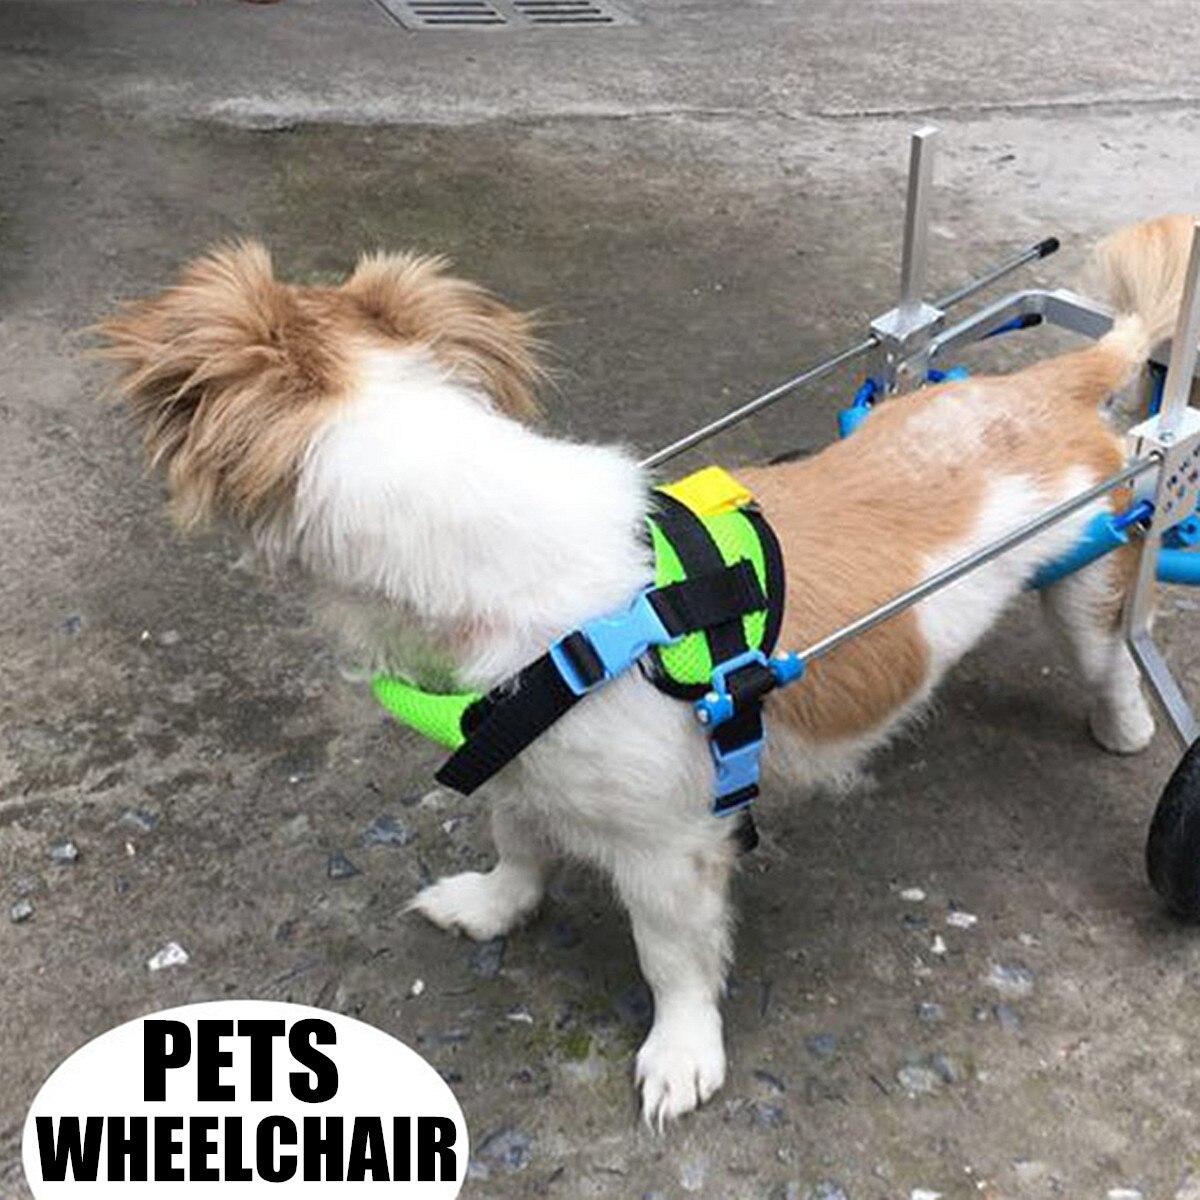 Pet Fauteuil Roulant Marcher De Traction Corde Panier Accessoires Kit Pour Handicapés Chat Chien Toutou Chiot Lumière Portable Ajusté Démonté